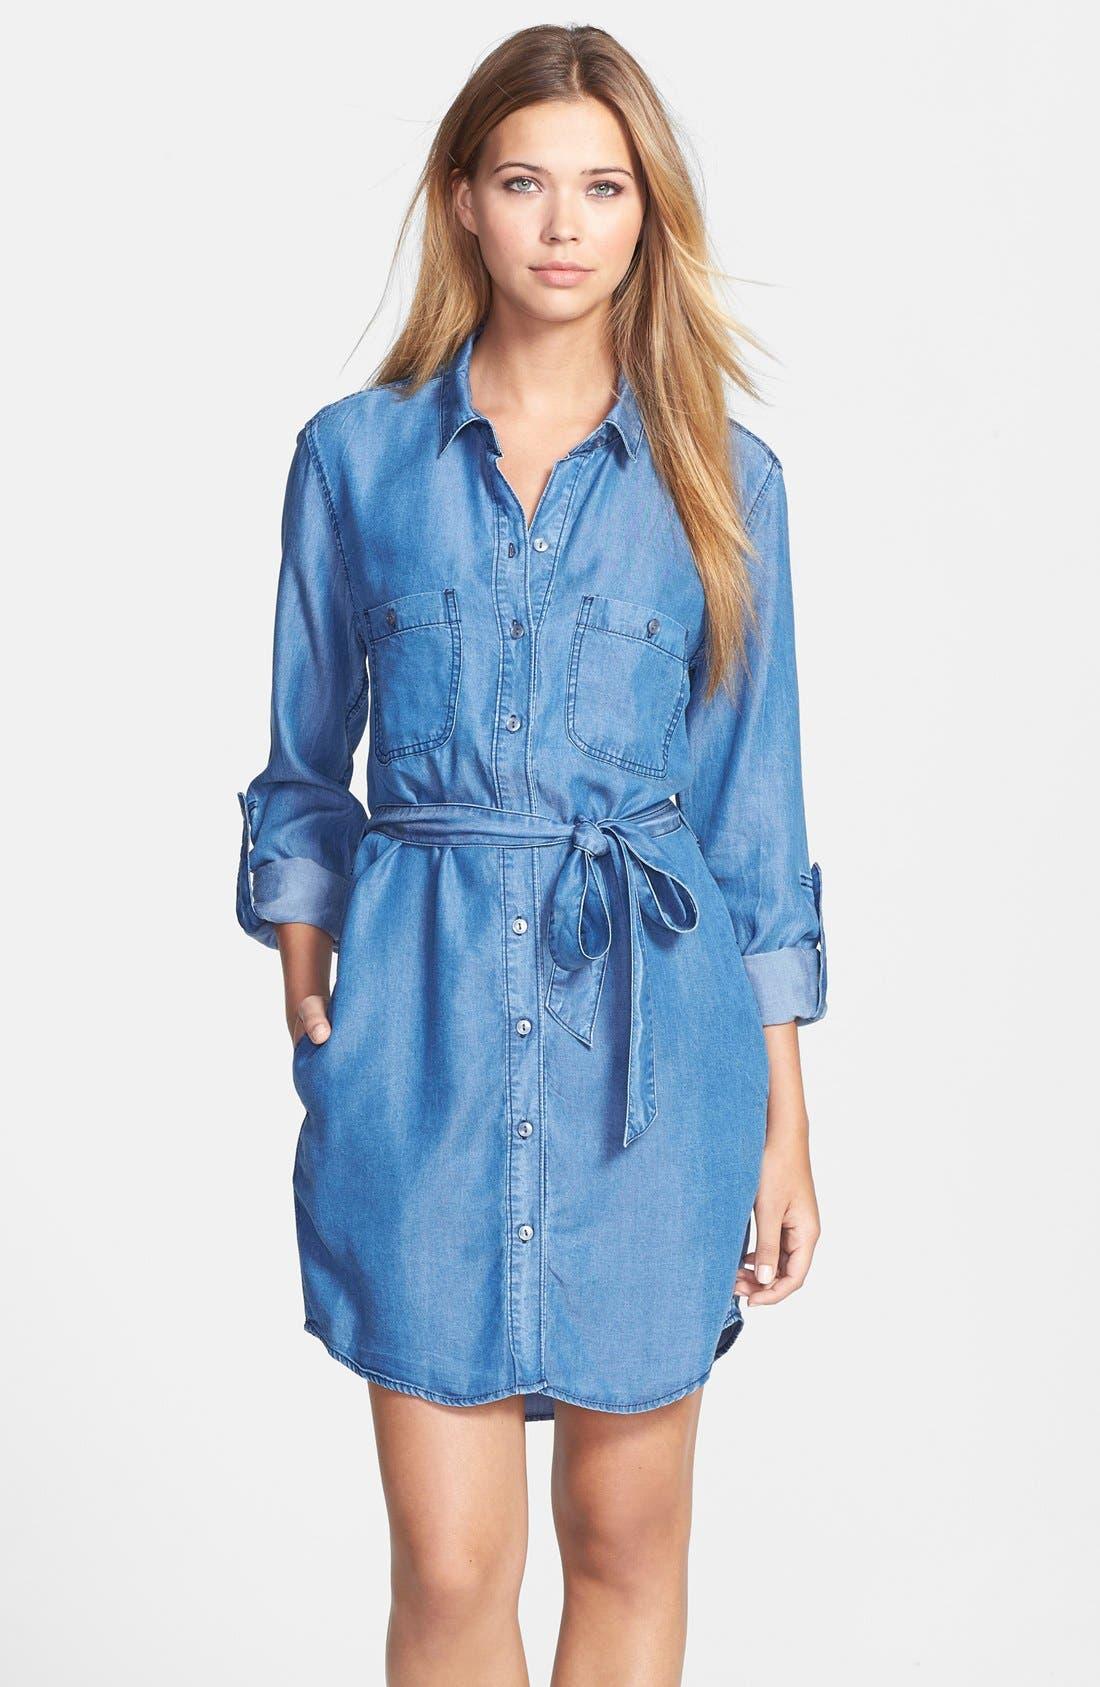 Main Image - Velvet Heart Roll Sleeve Chambray Shirtdress